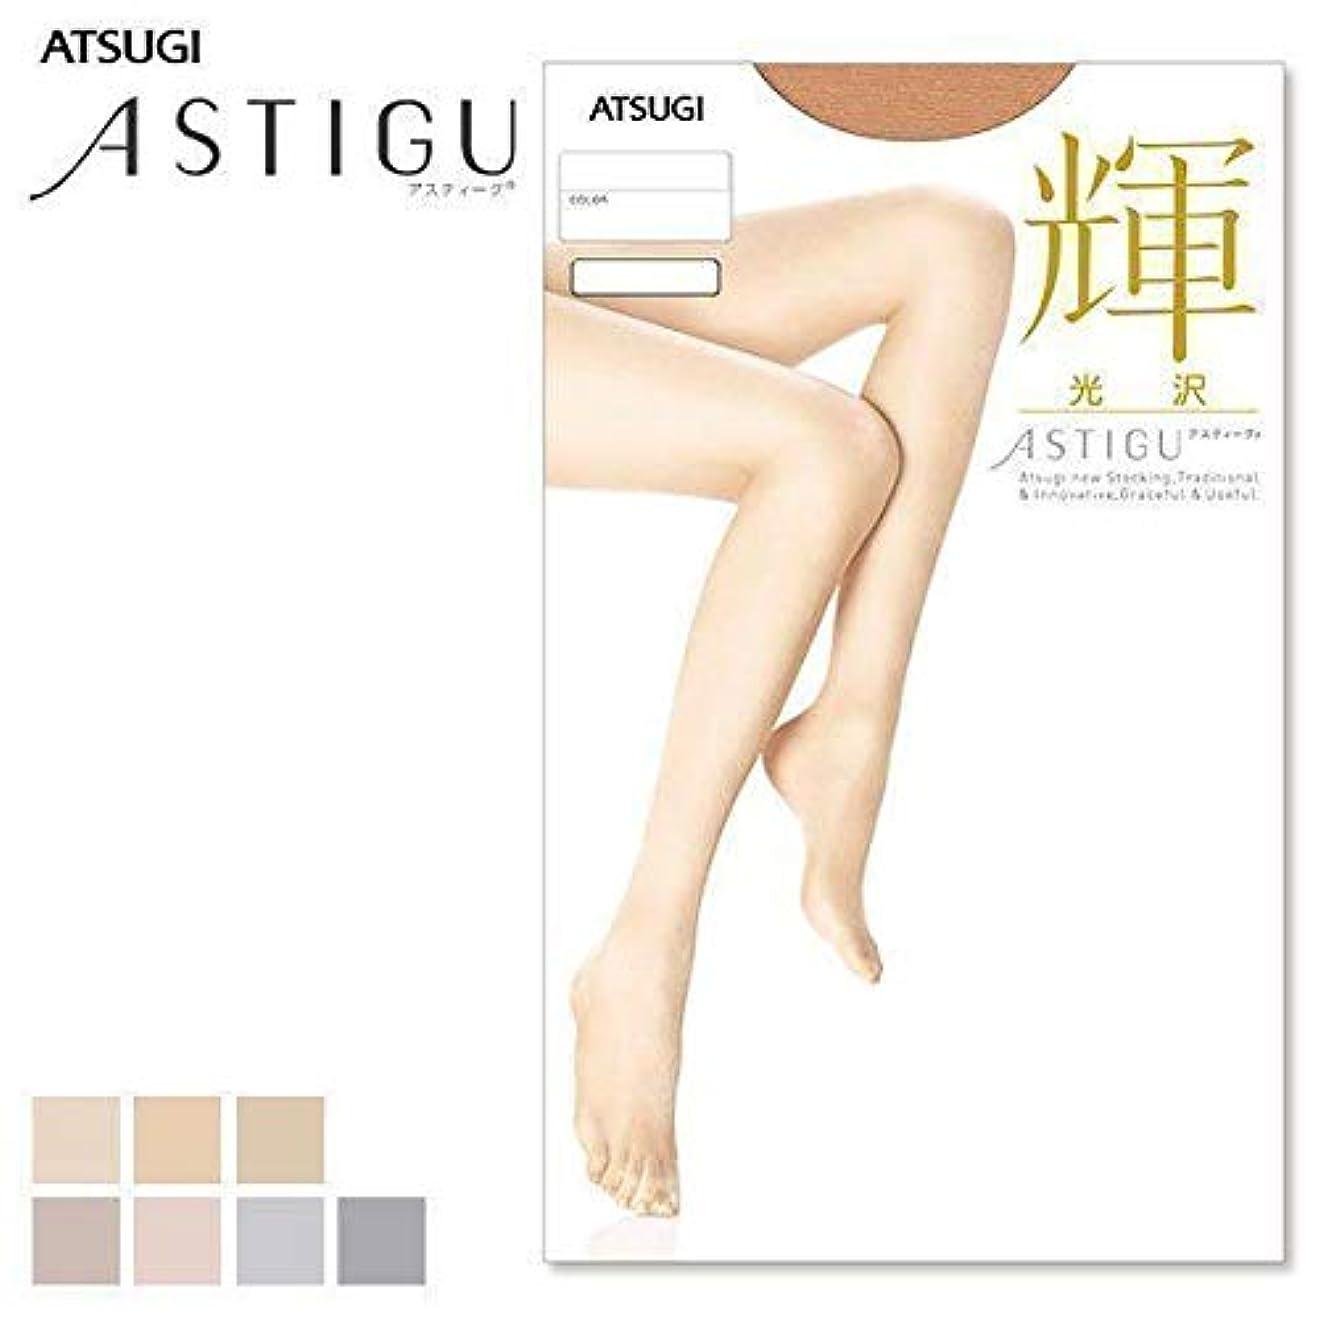 もつれプランテーション一アツギ ASTIGU(アスティーグ)輝(ベビーベージュ)サイズ M~L